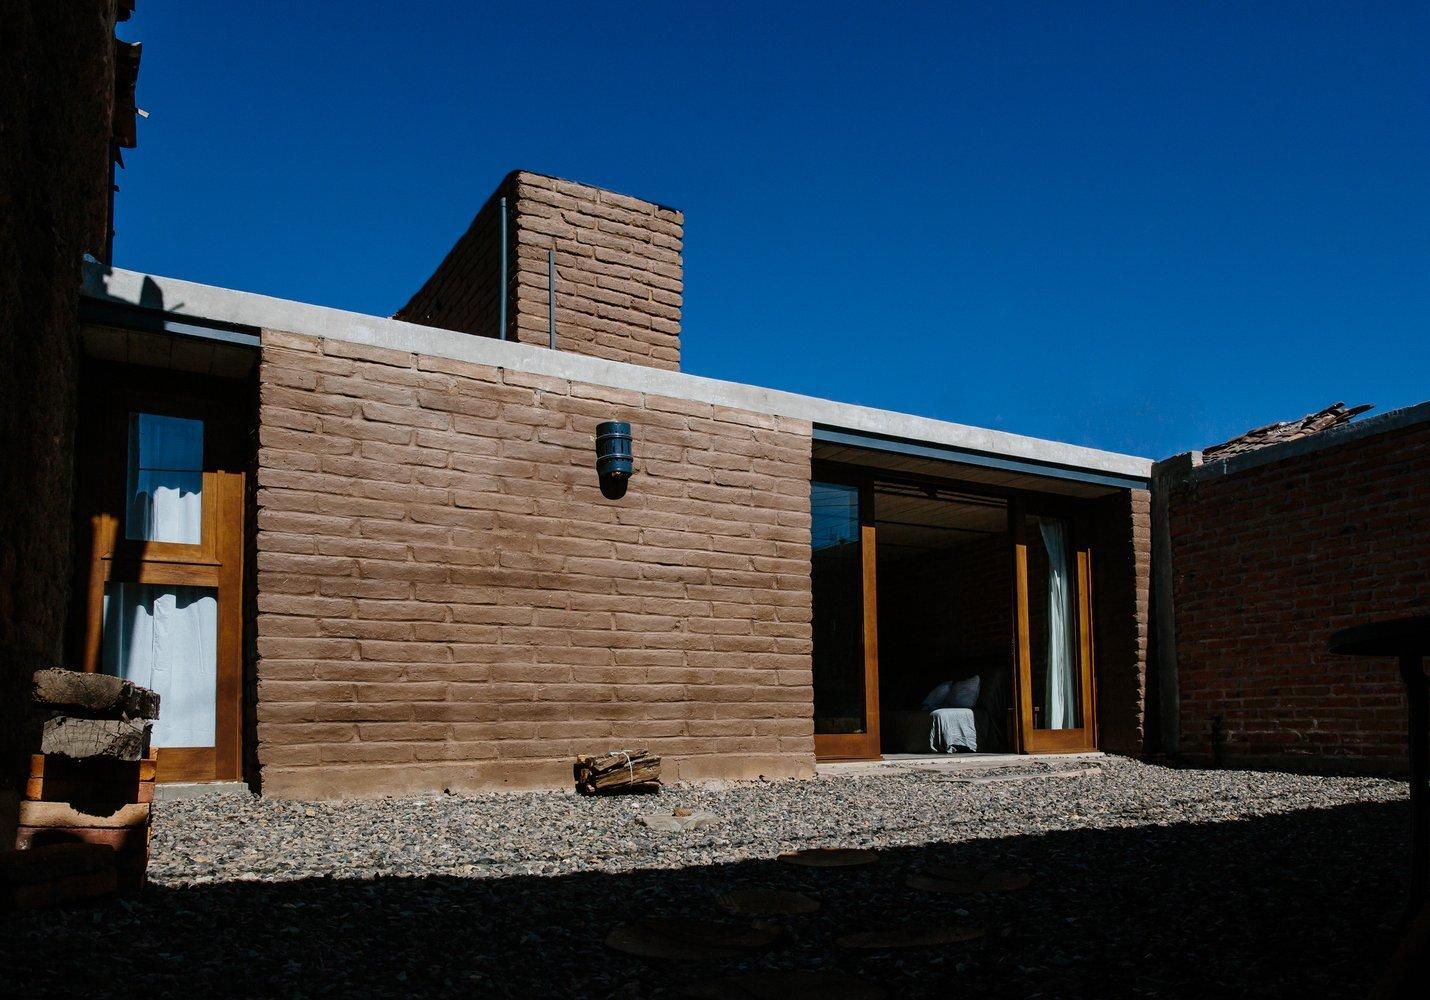 TPL08 - COCCO ARQUITECTOS - Mexico - Exterior - Humble Homes